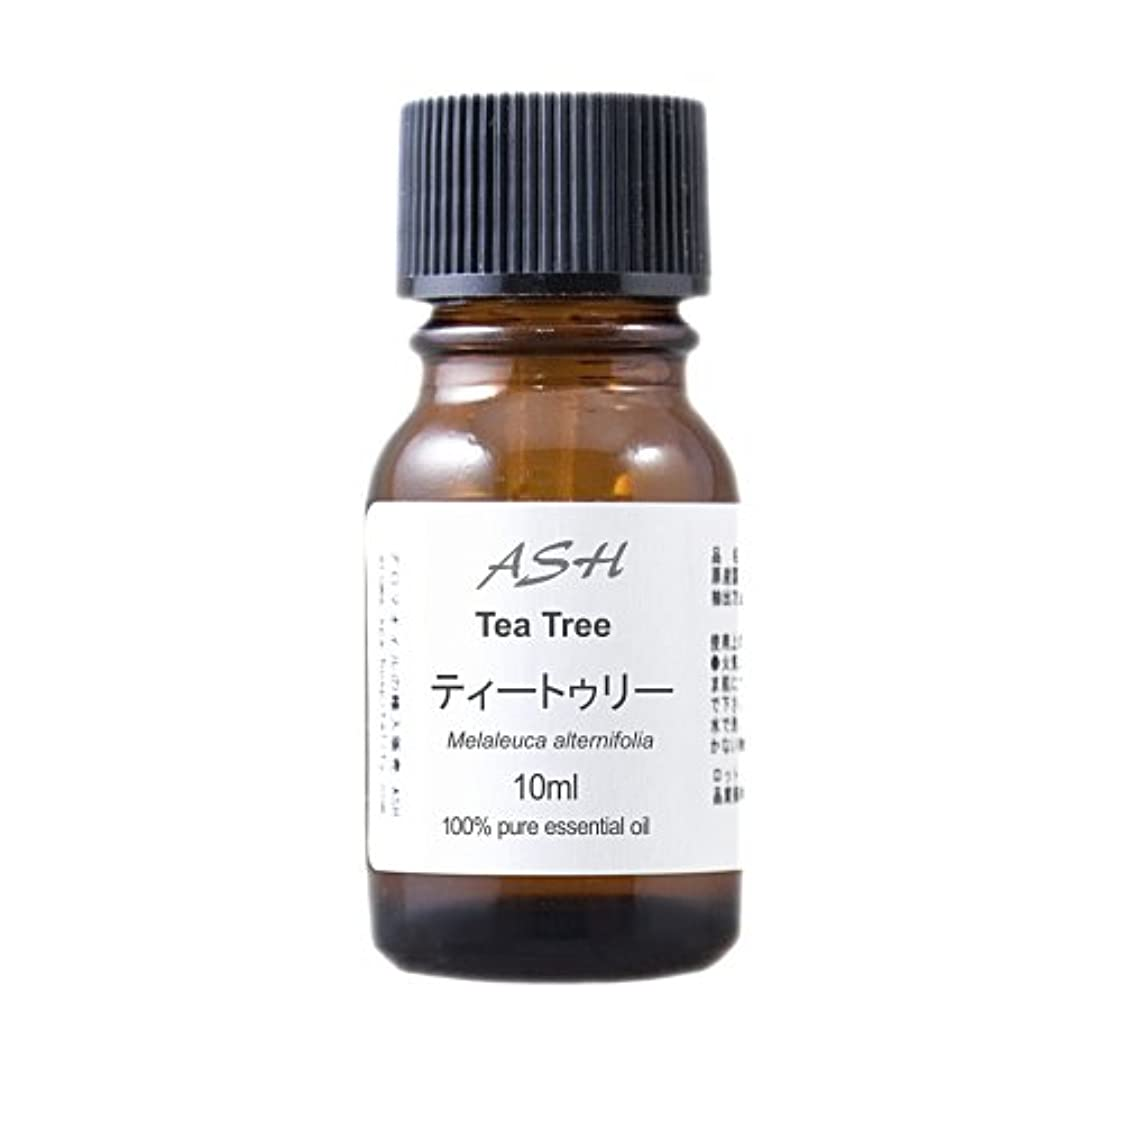 新着興奮輝度ASH ティートゥリー (ティーツリー) エッセンシャルオイル 10ml AEAJ表示基準適合認定精油